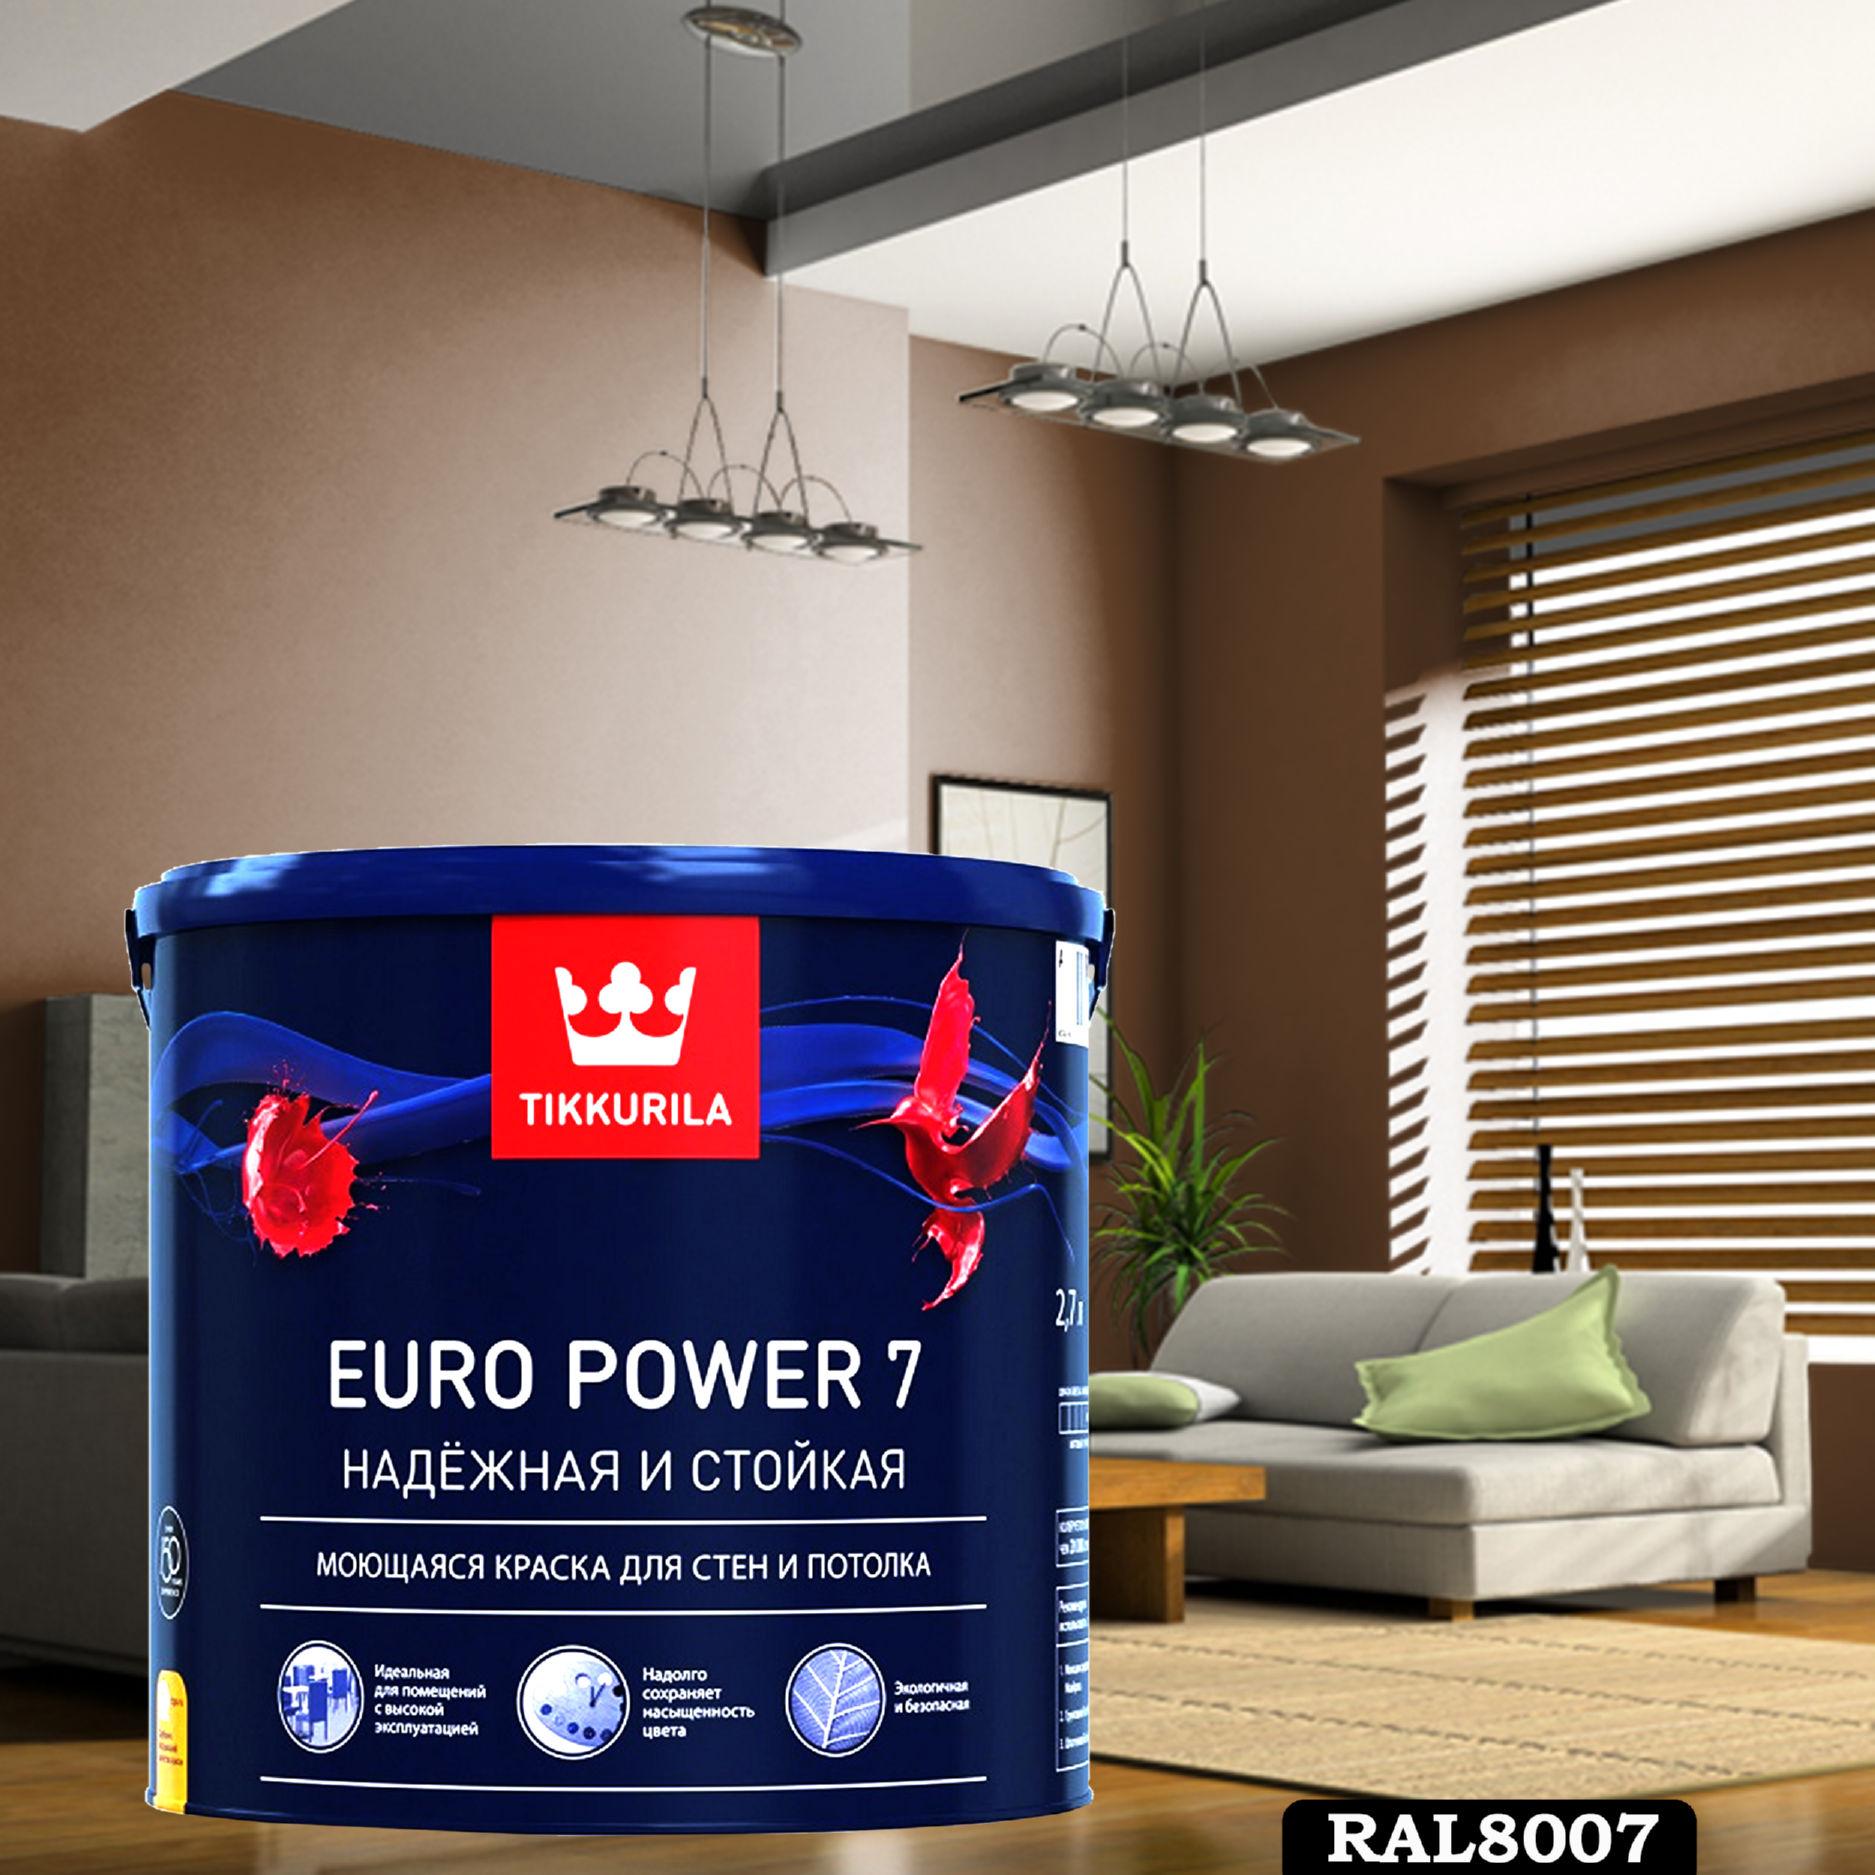 Фото 6 - Краска TIKKURILA Euro Power 7,  RAL 8007 Коричневый-олень, латексная моющаяся матовая интерьерная, 9 л.